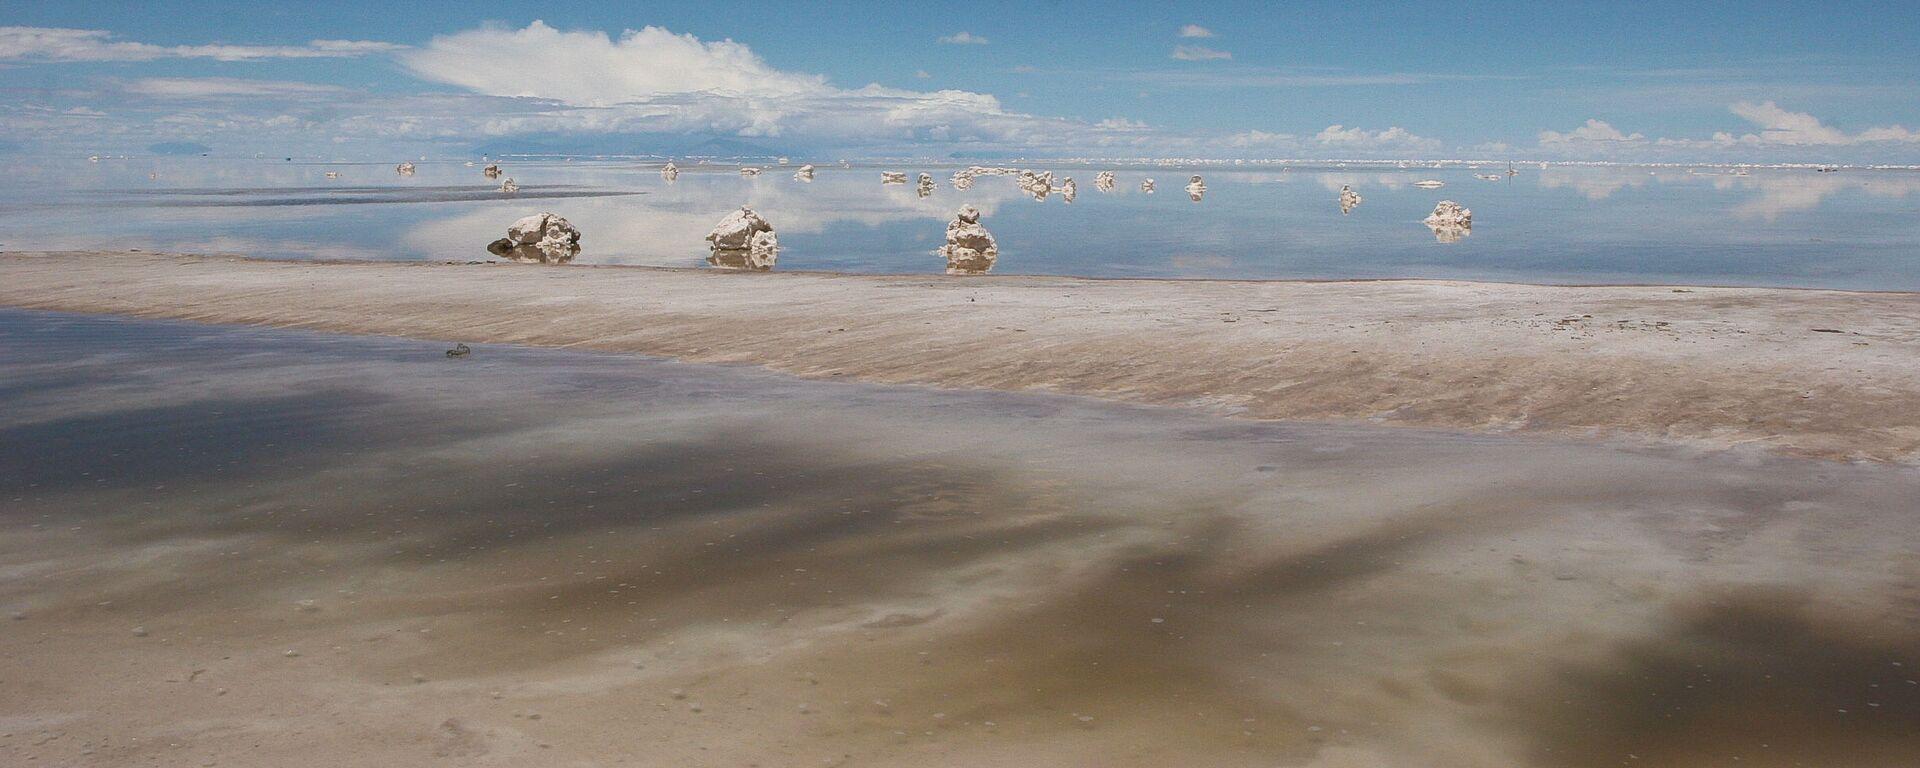 El salar de Uyuni en Bolivia, gran reserva de litio - Sputnik Mundo, 1920, 27.11.2019